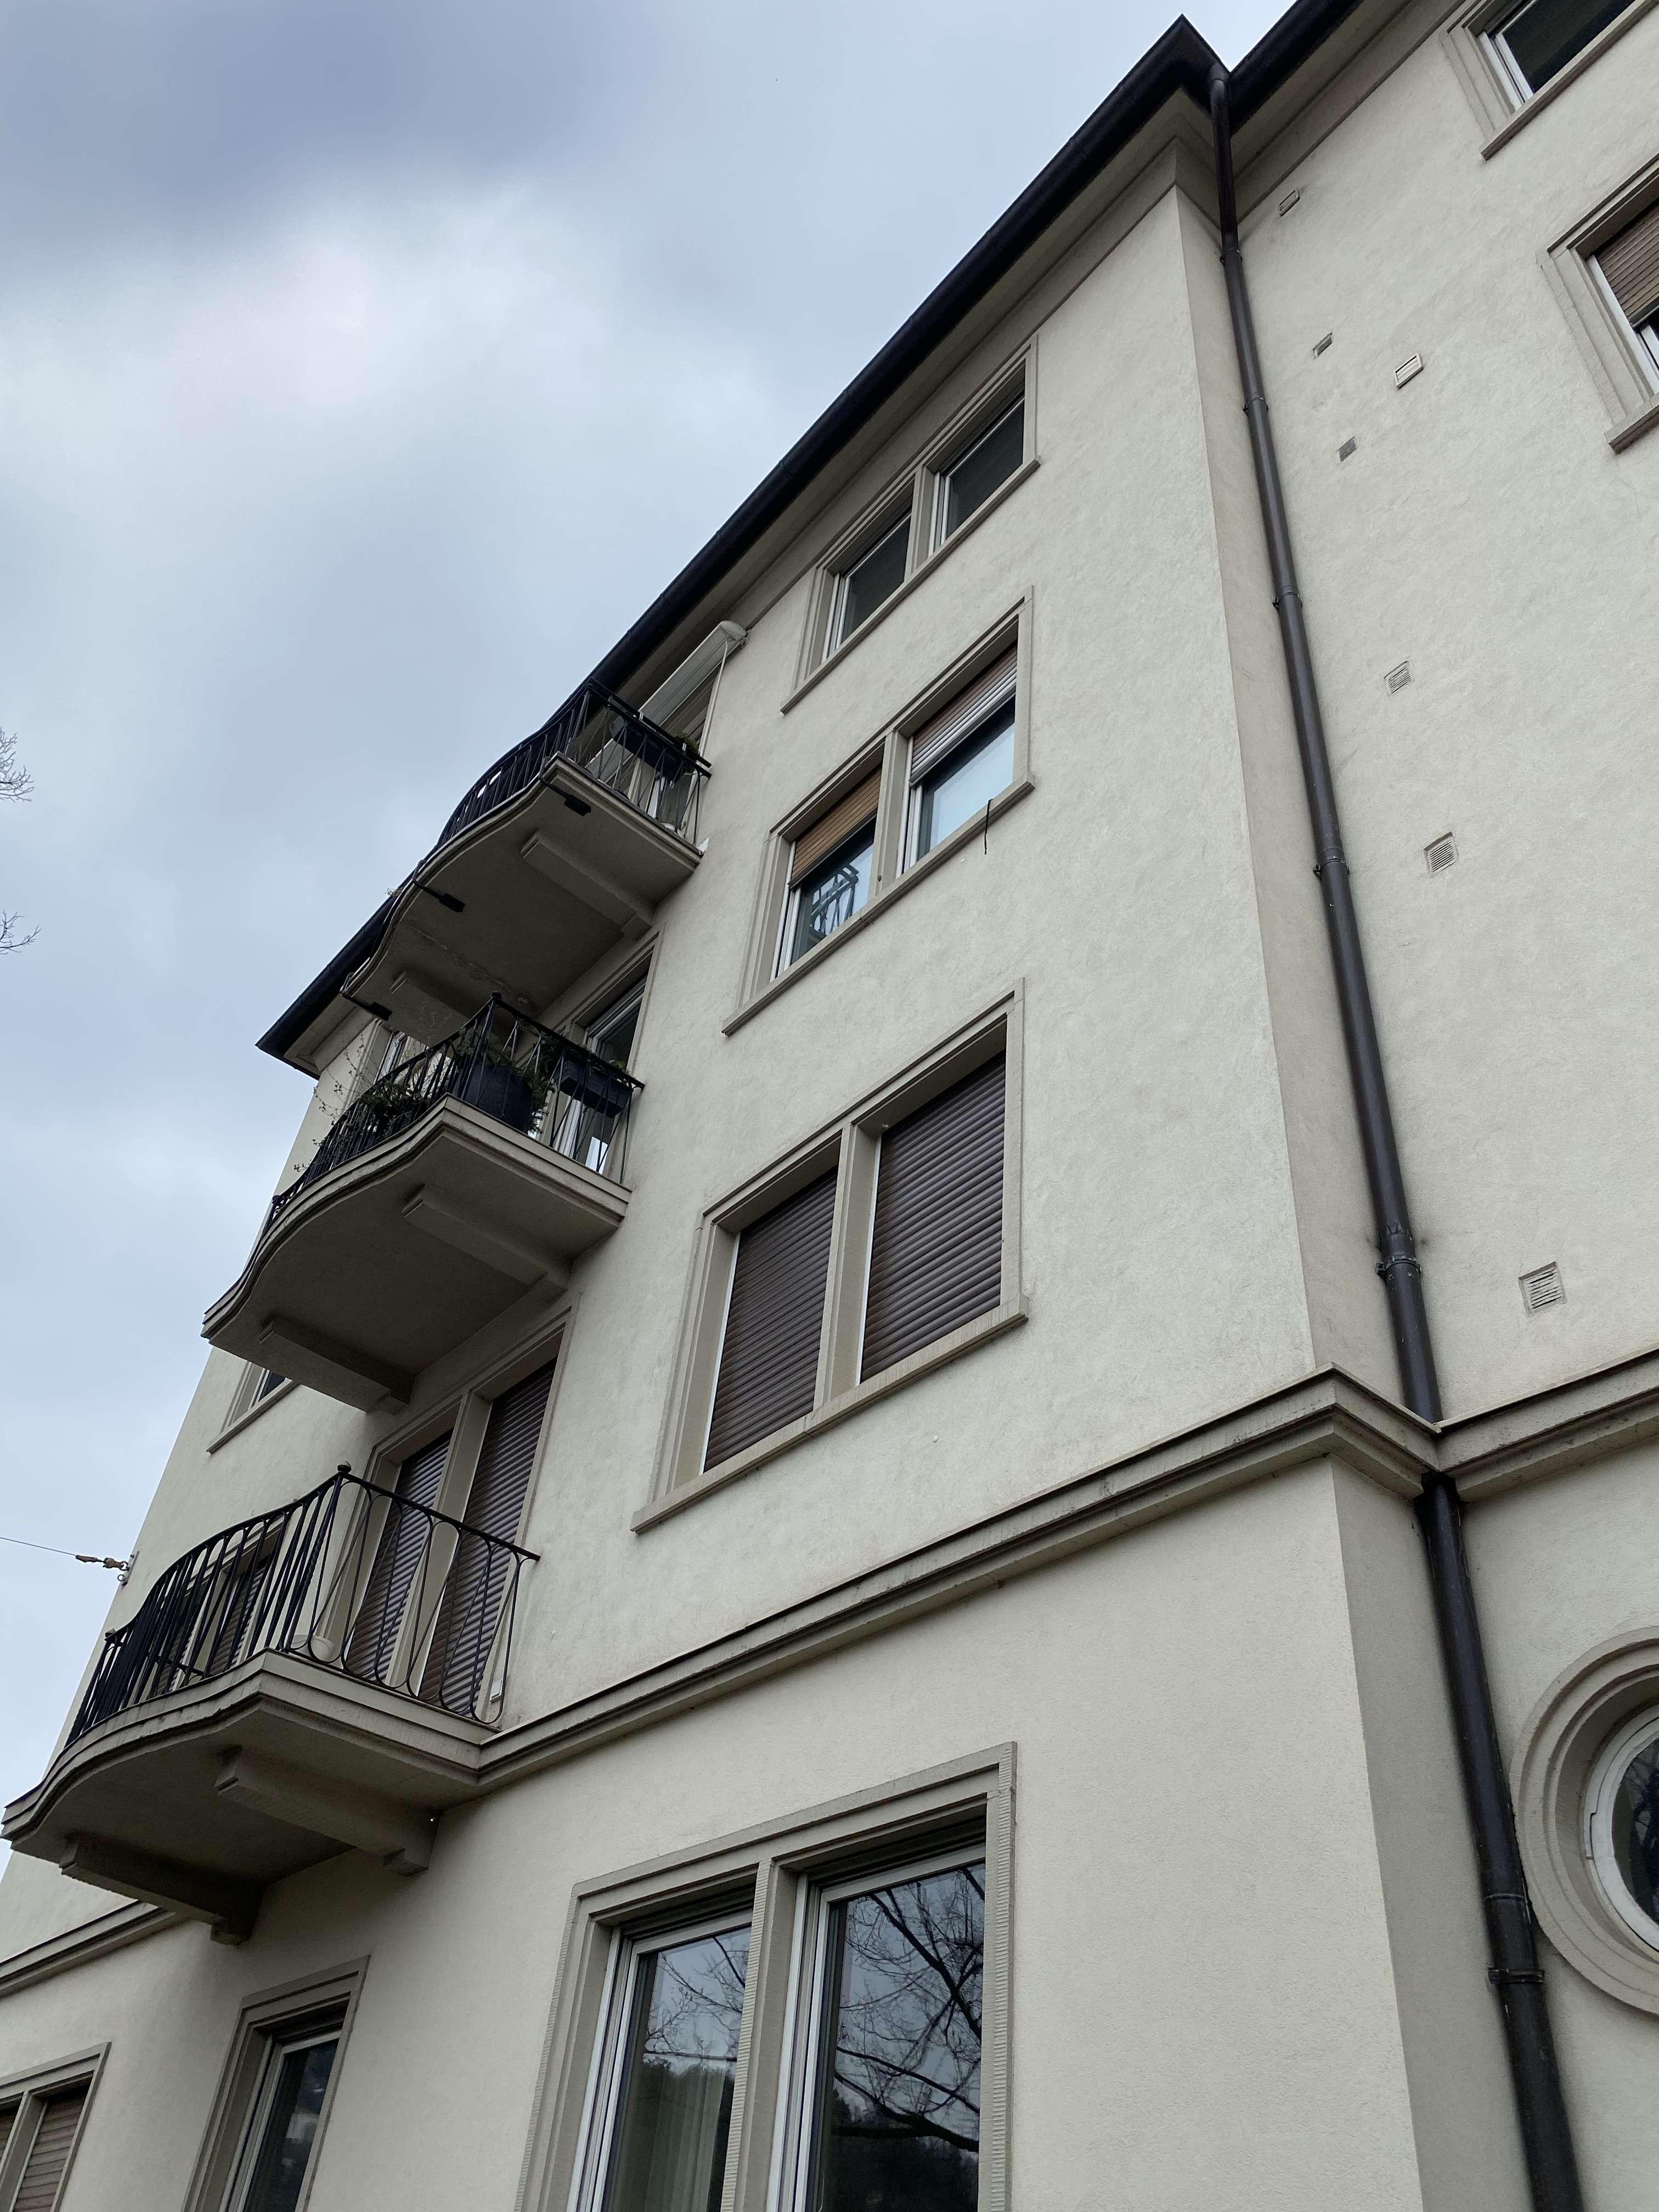 Wunderschöne Dachgeschosswohnung direkt an der Löwenbrücke mit Festungsblick in